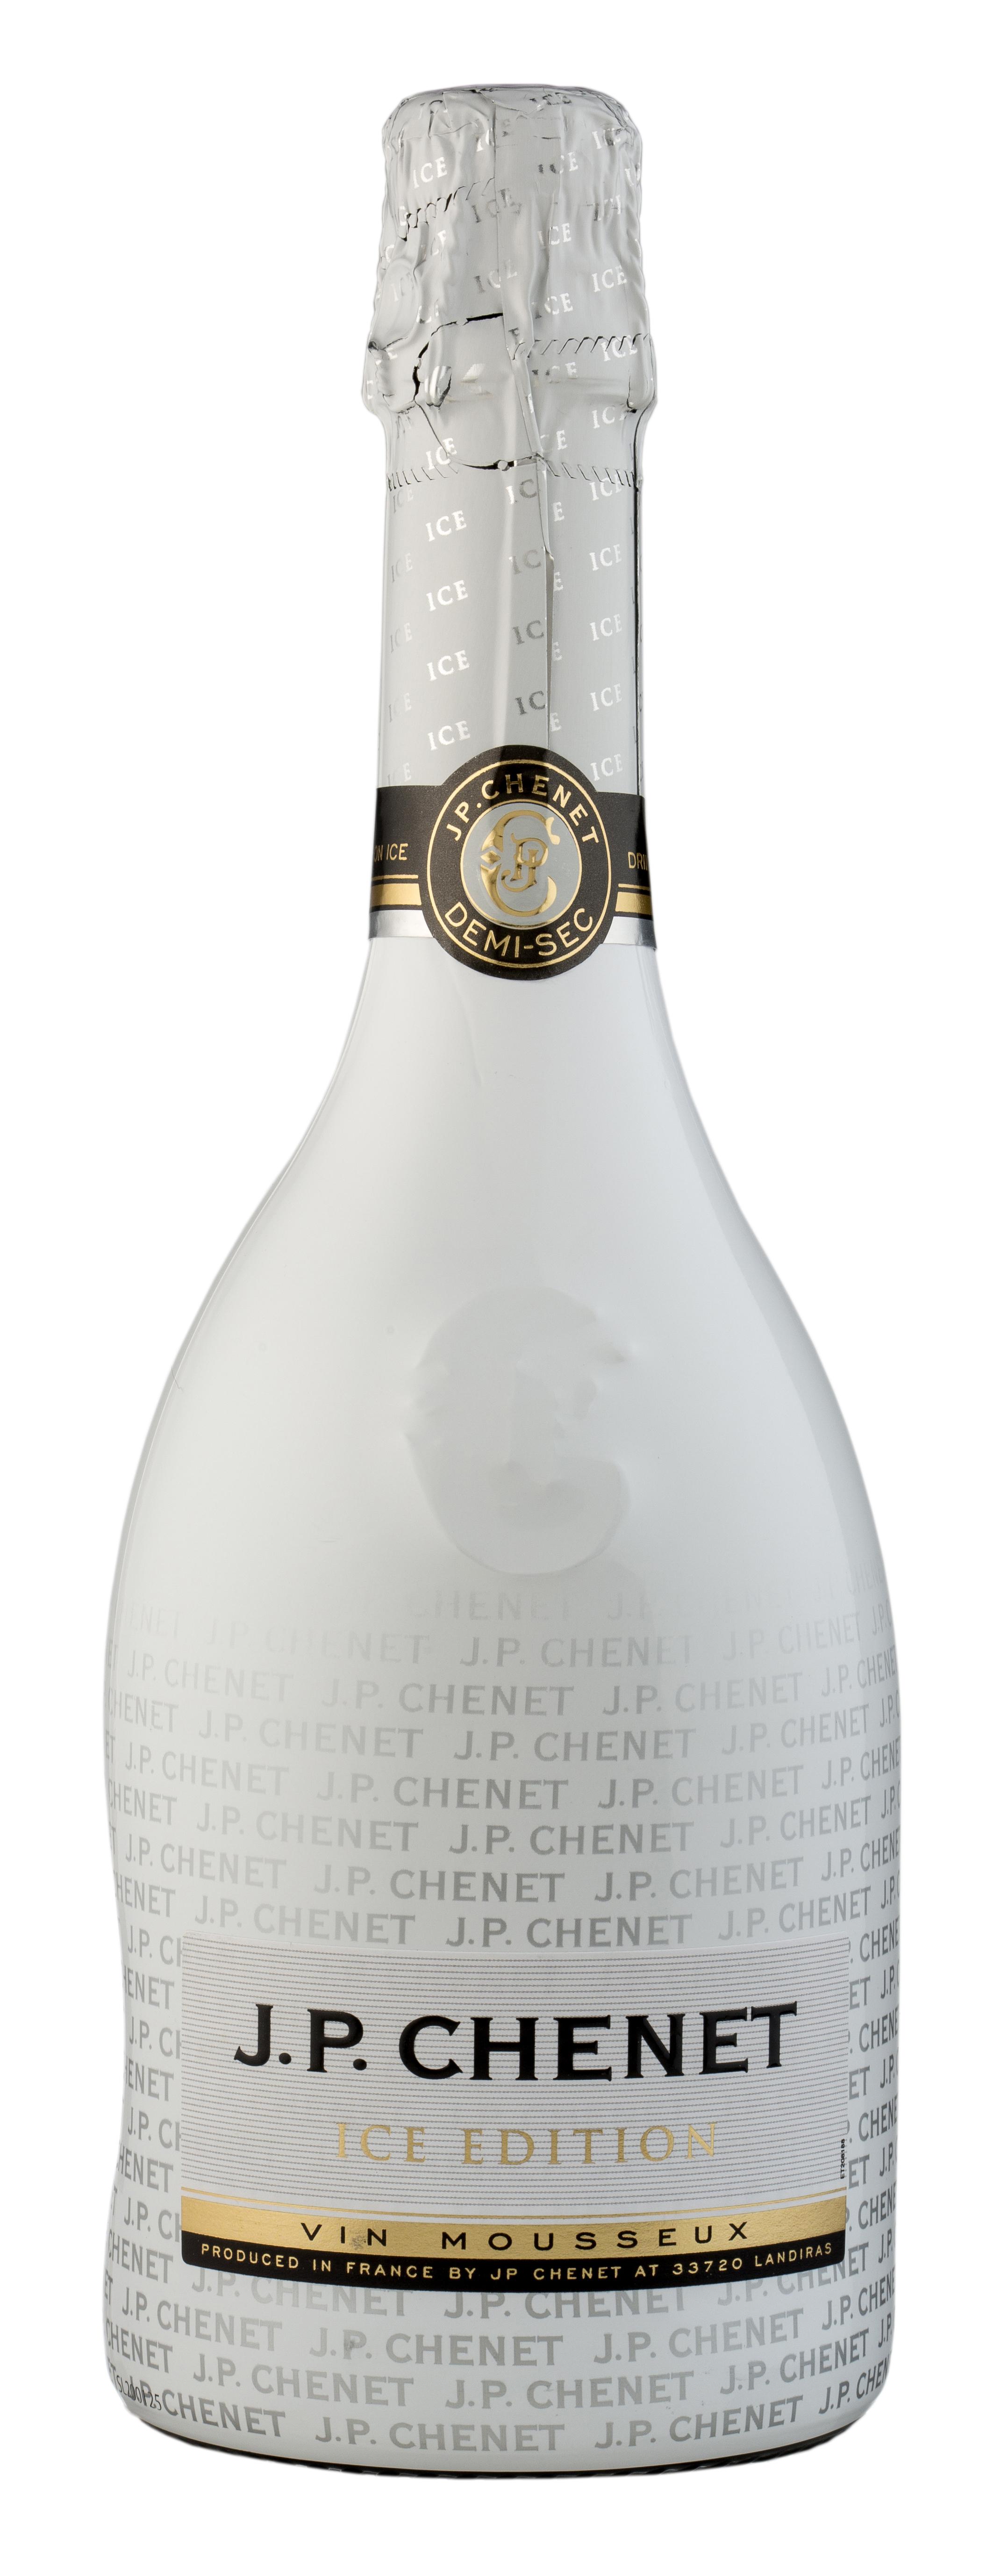 Wine shiraz jean-paul chenet red sweet 125% 2011year 750ml glass bottle france